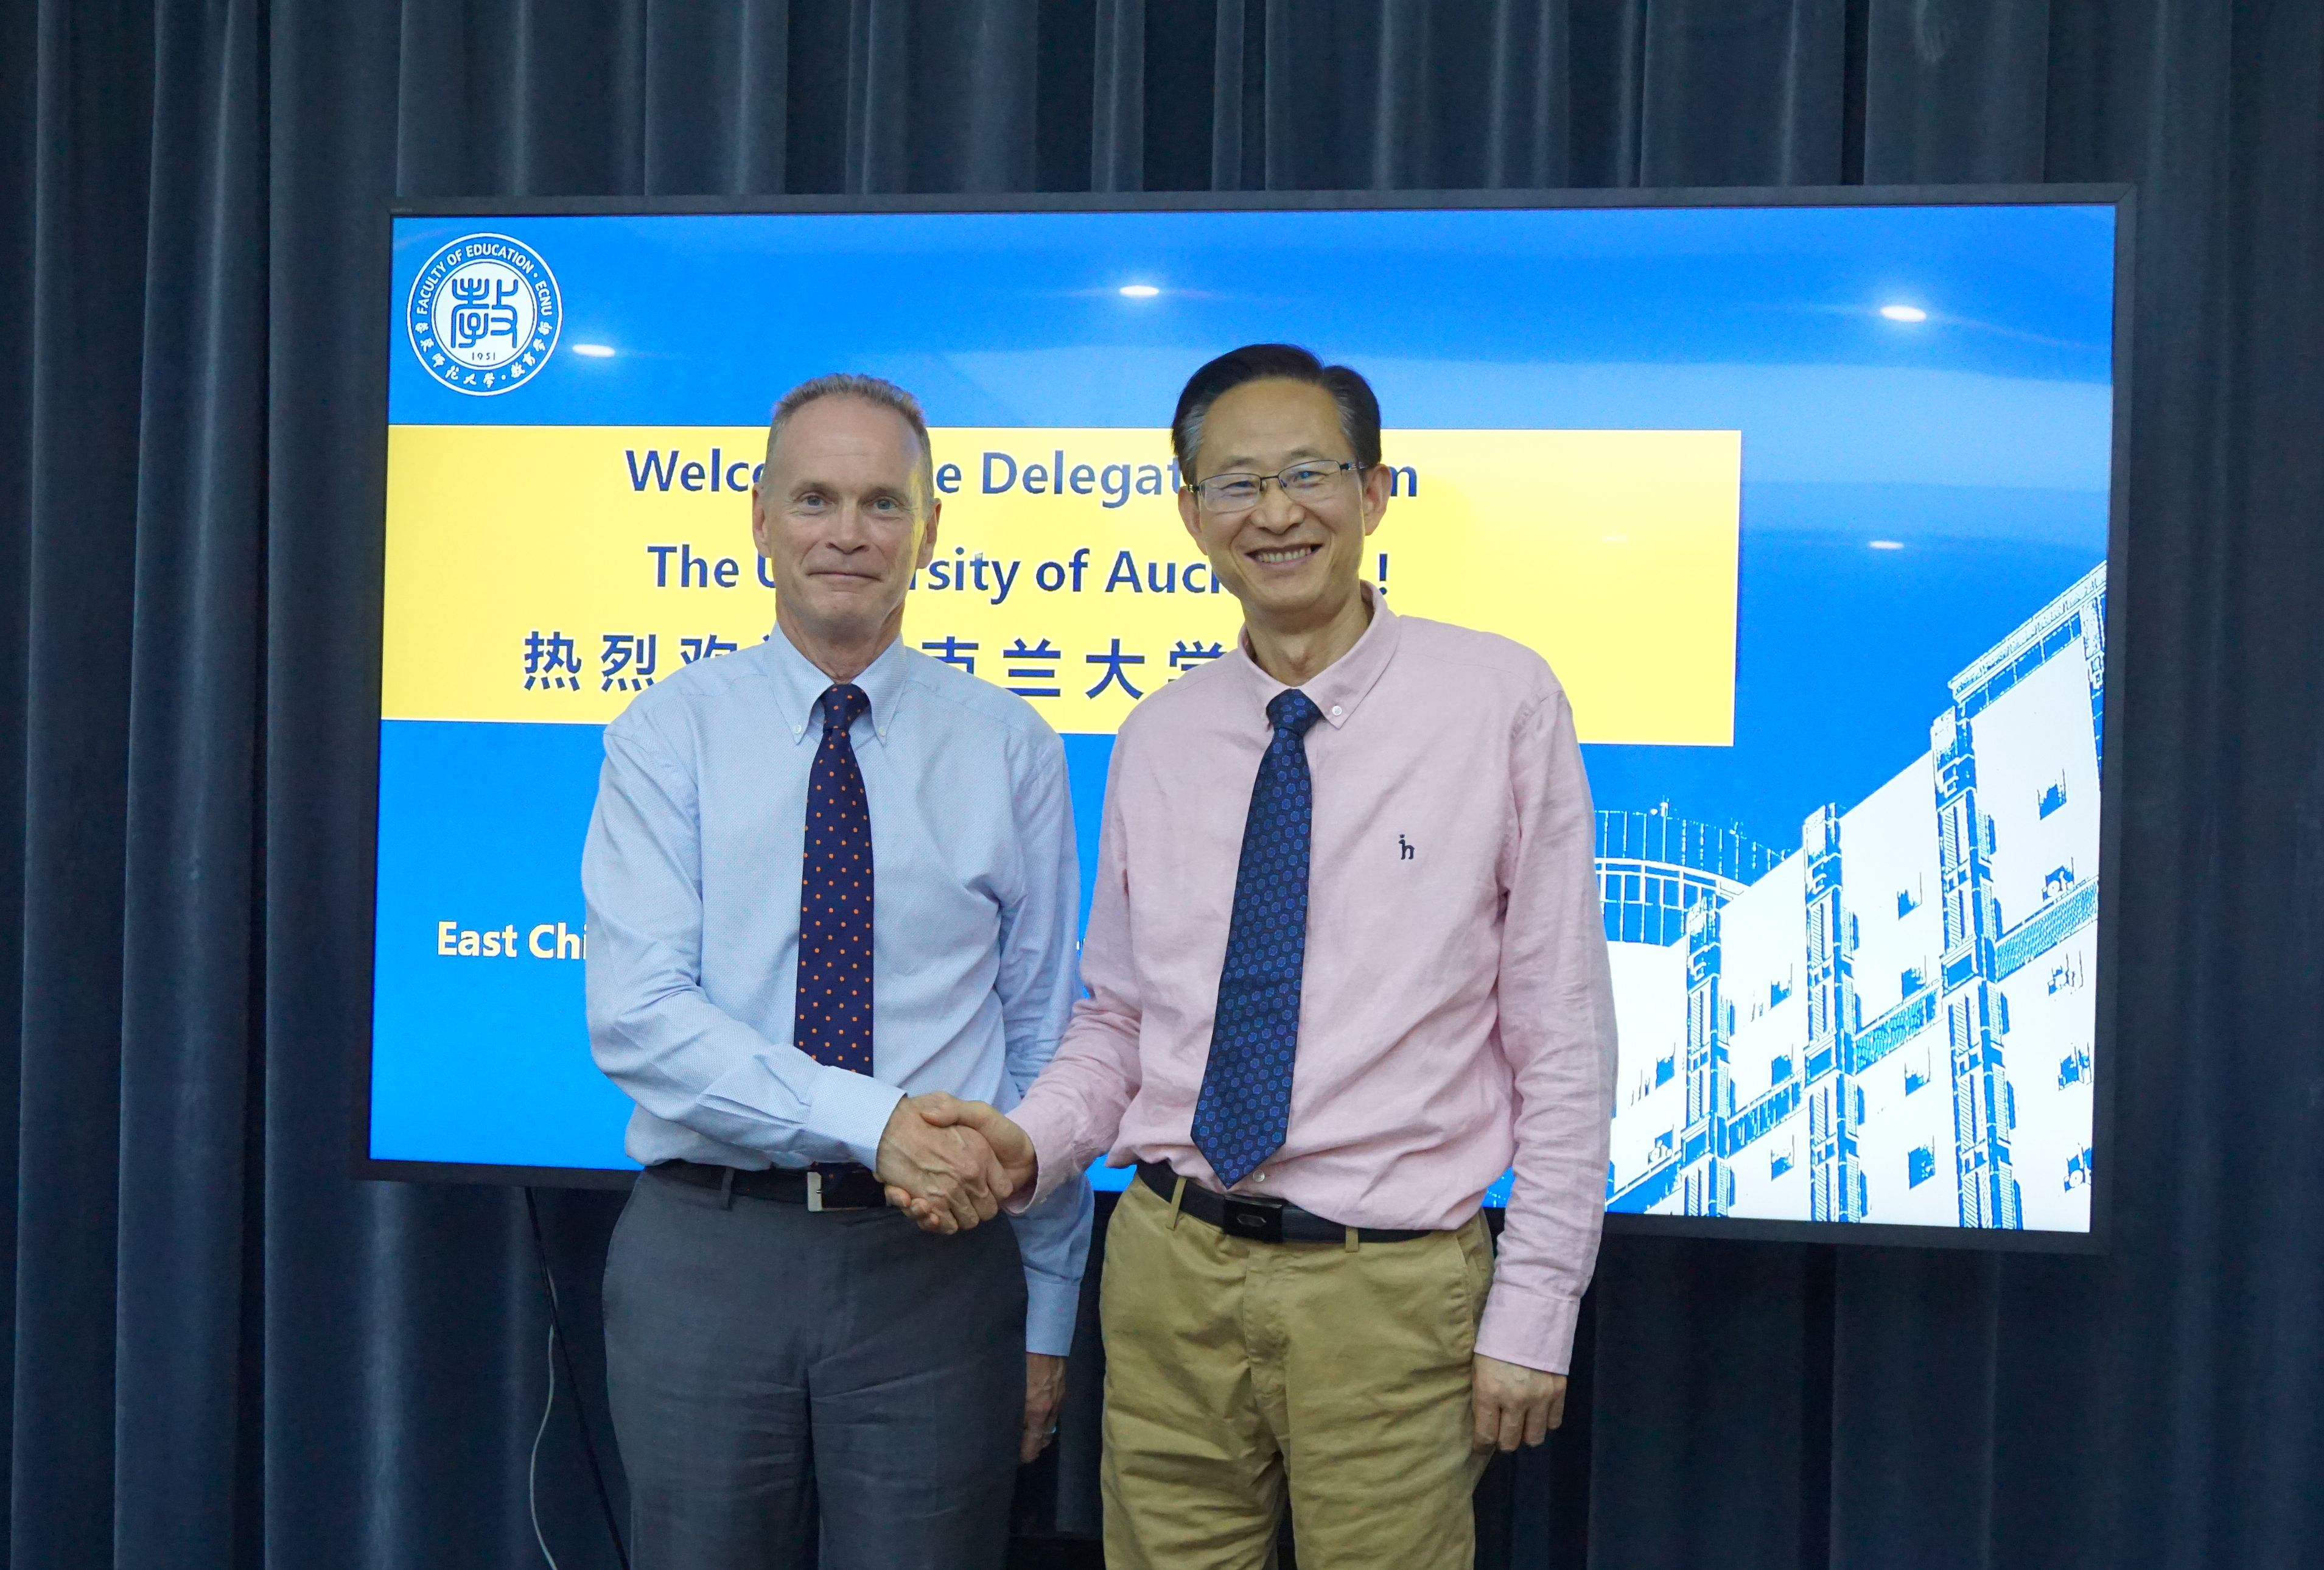 新西兰奥克兰大学教育与社会工作学部主任Mark Barrow一行访问教育学部